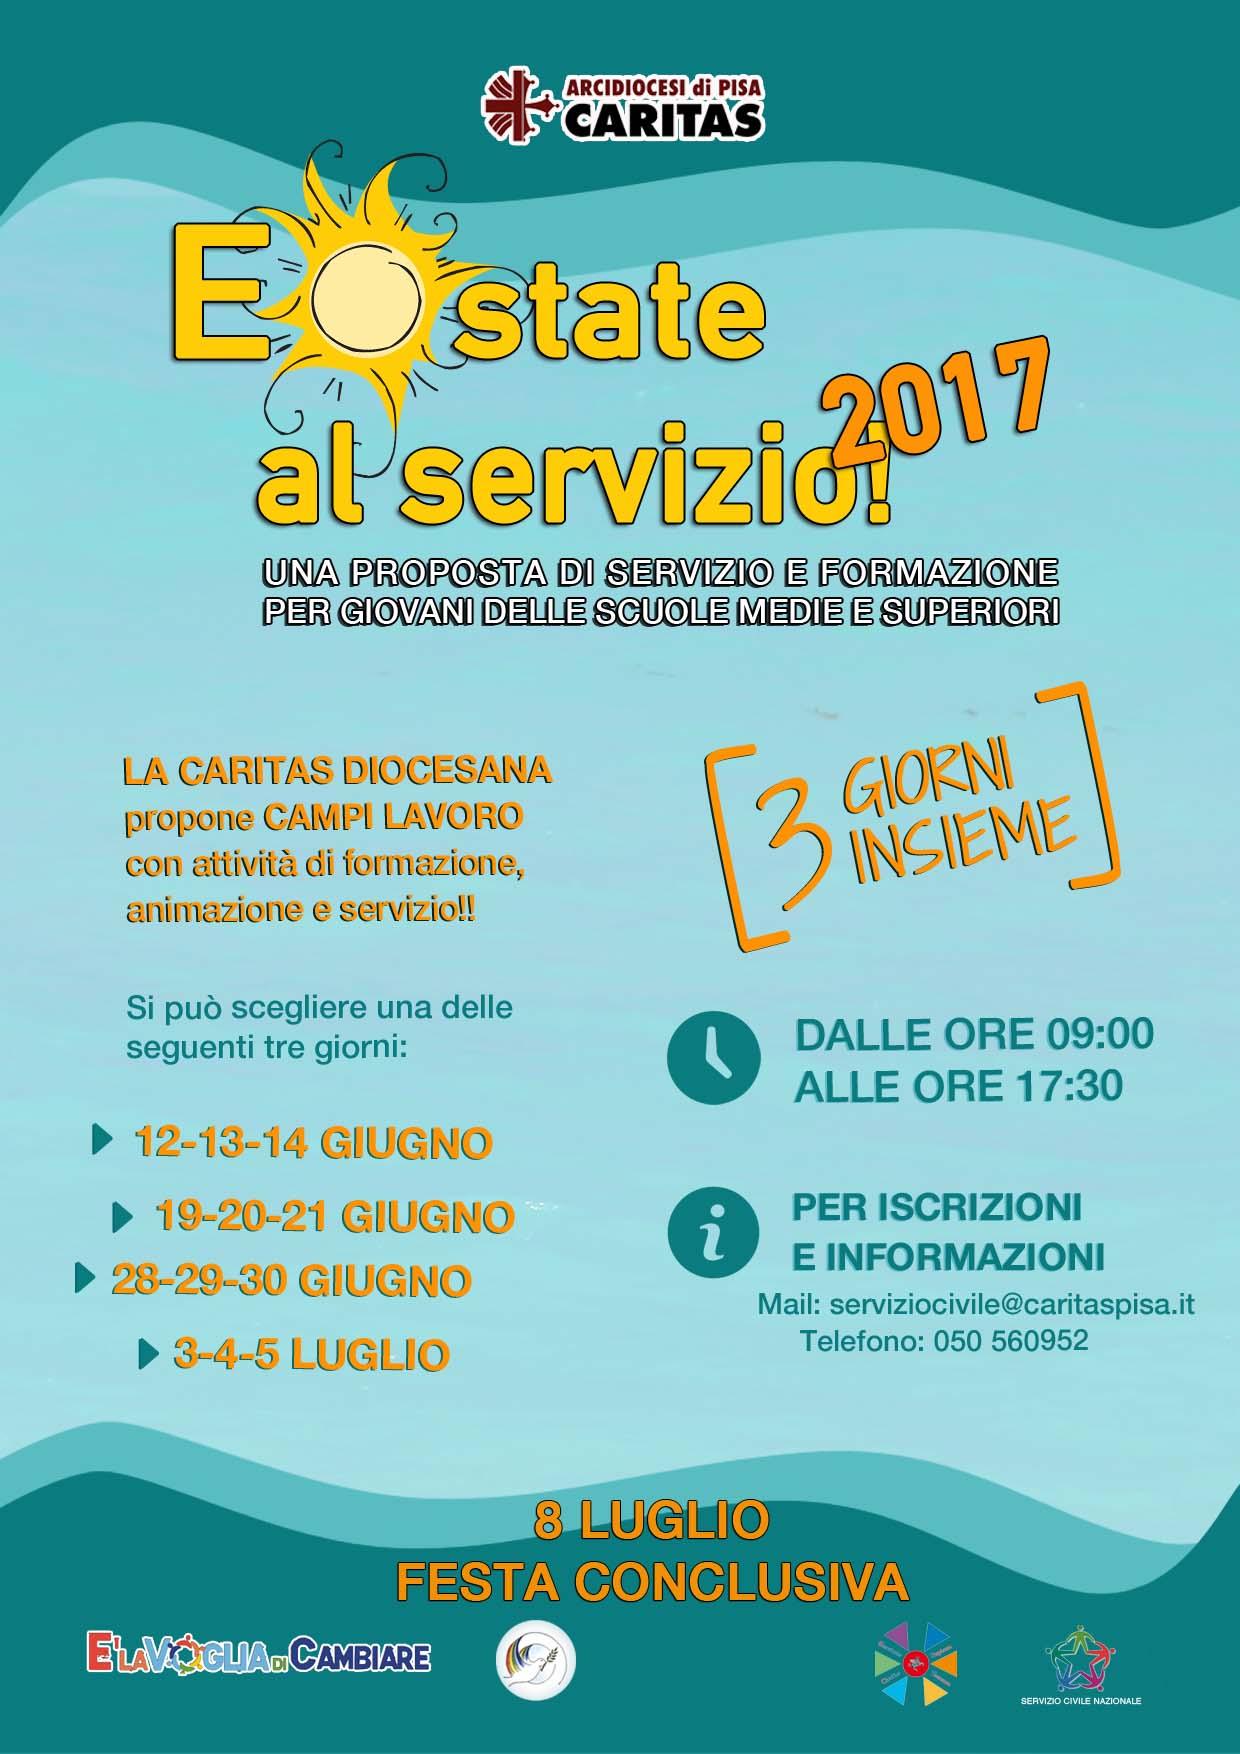 volantino-e-state-al-servizio-2017